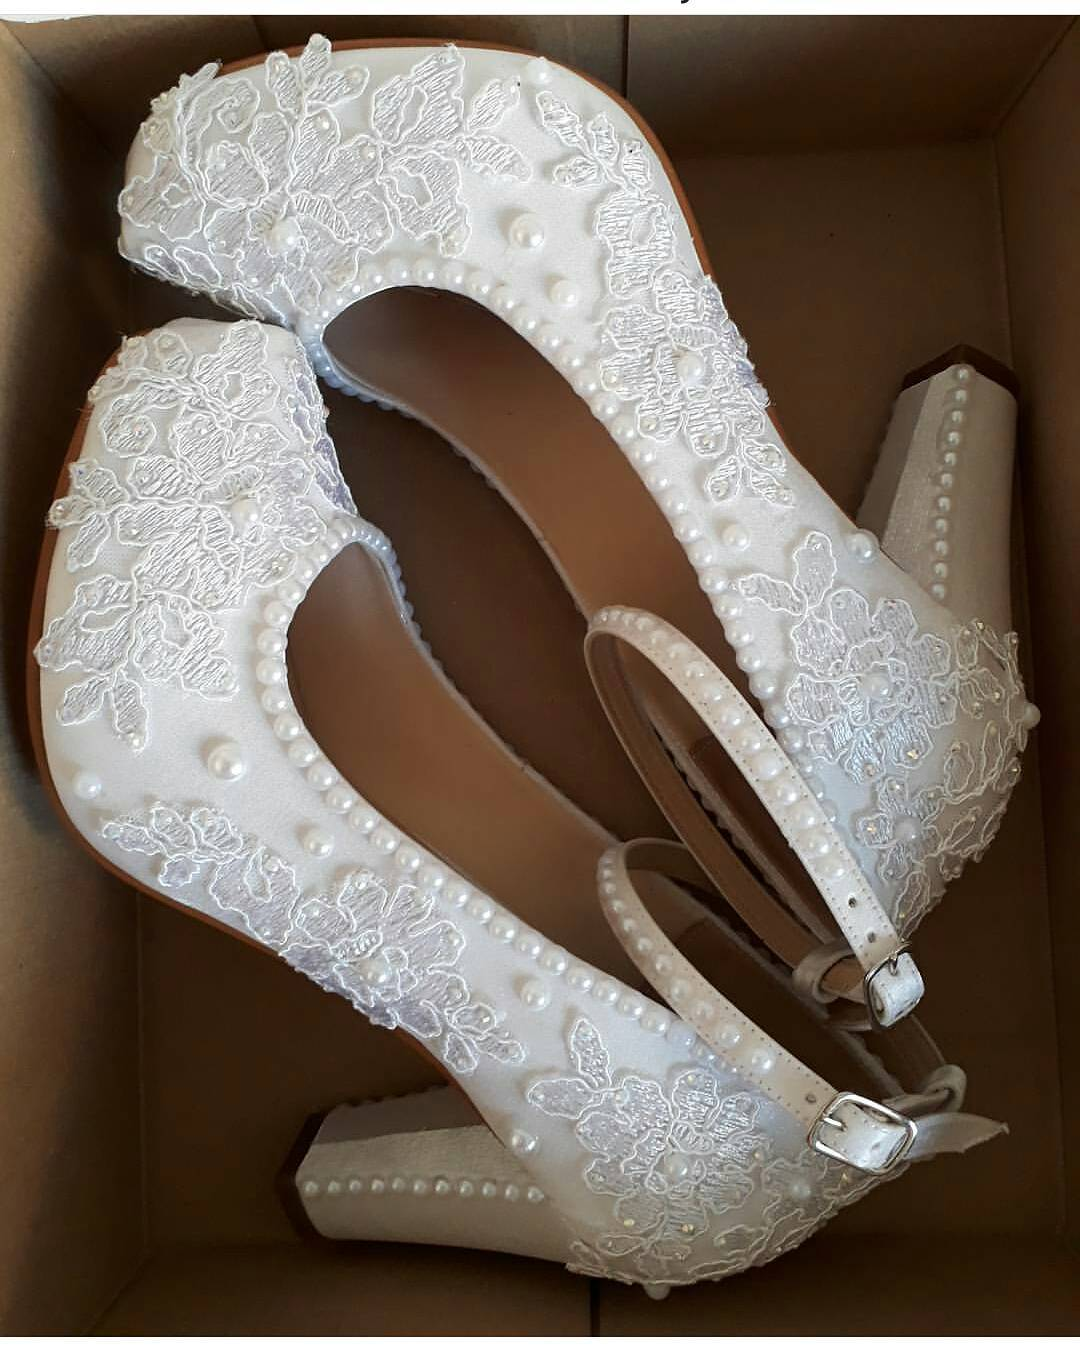 1f6e951320 Sapato de noiva  80 inspirações e opções de modelos para comprar